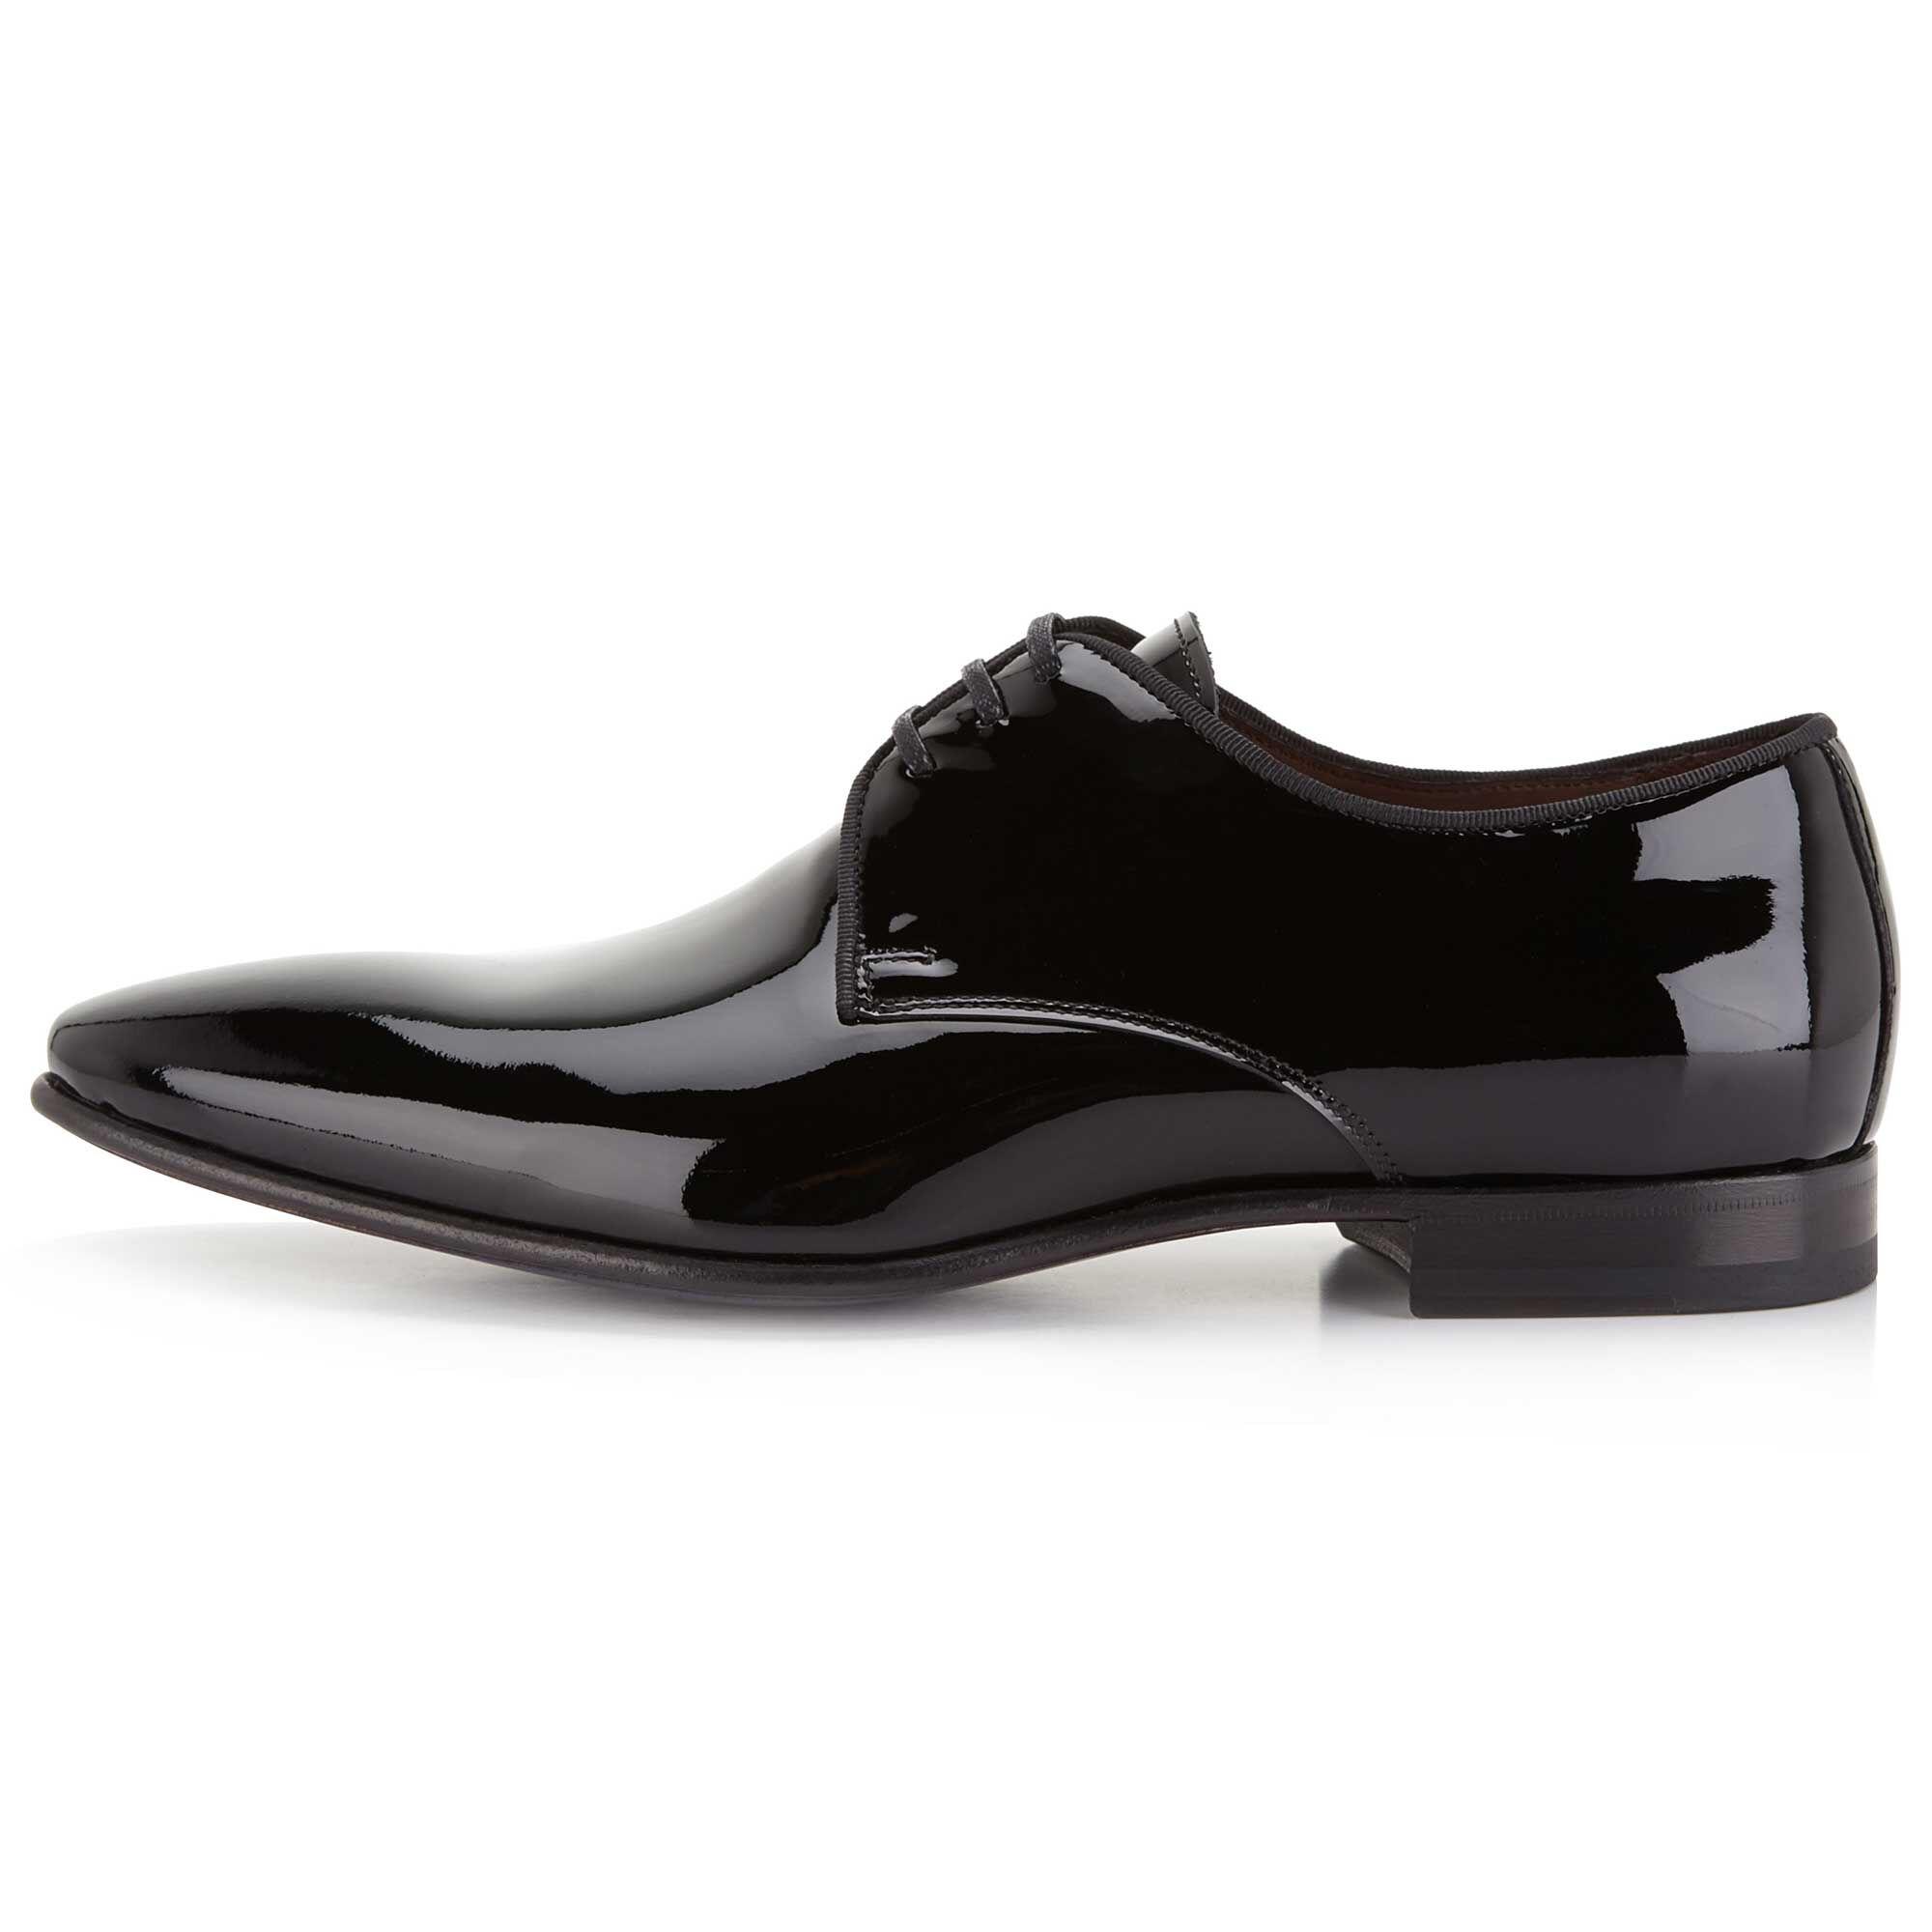 Cuir Verni Bleu Foncé Chaussures À Lacets (40,41,42,43,44,45,46)